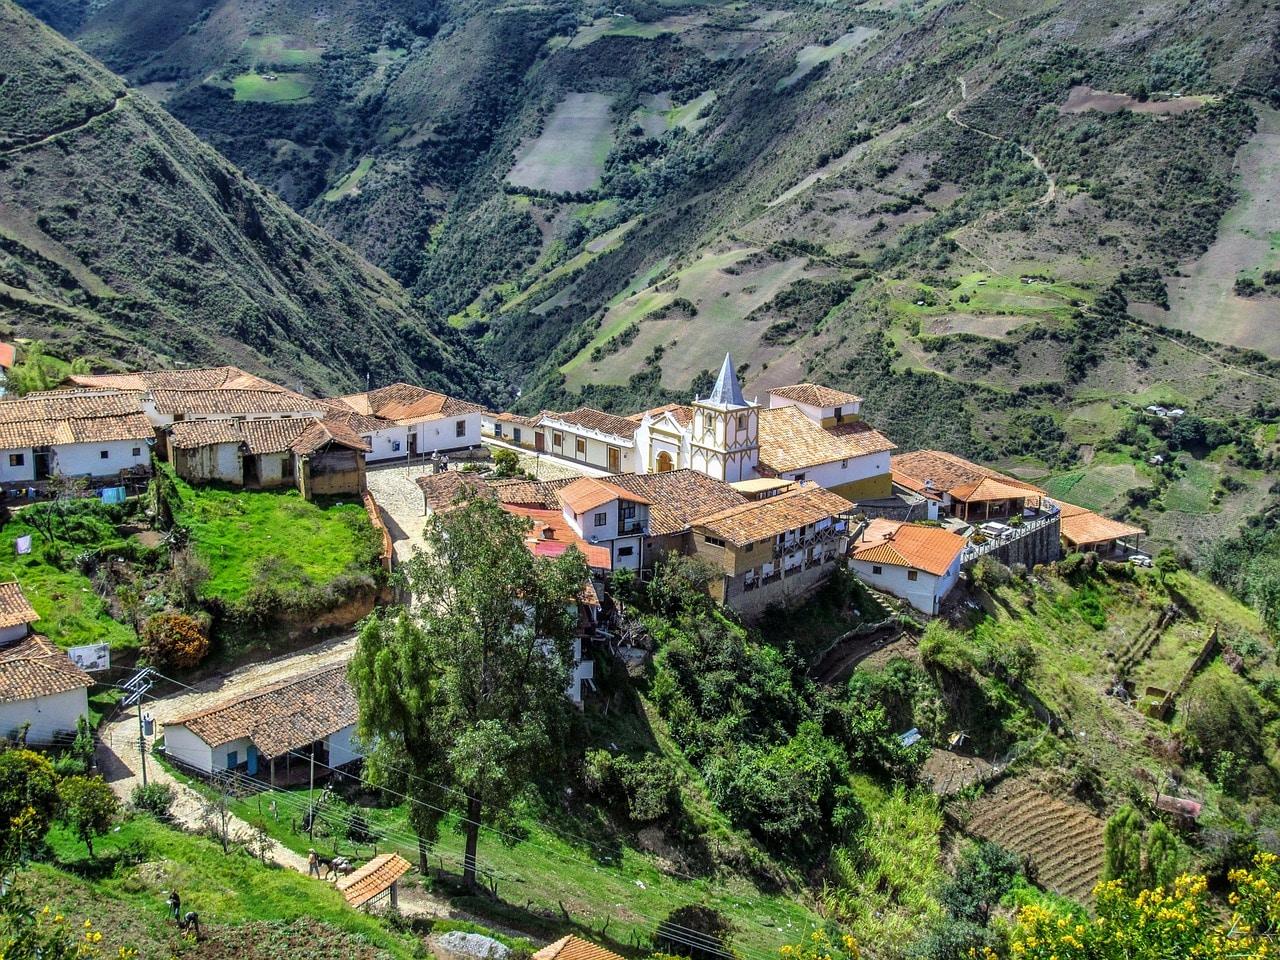 lugares para visitar na venezuela